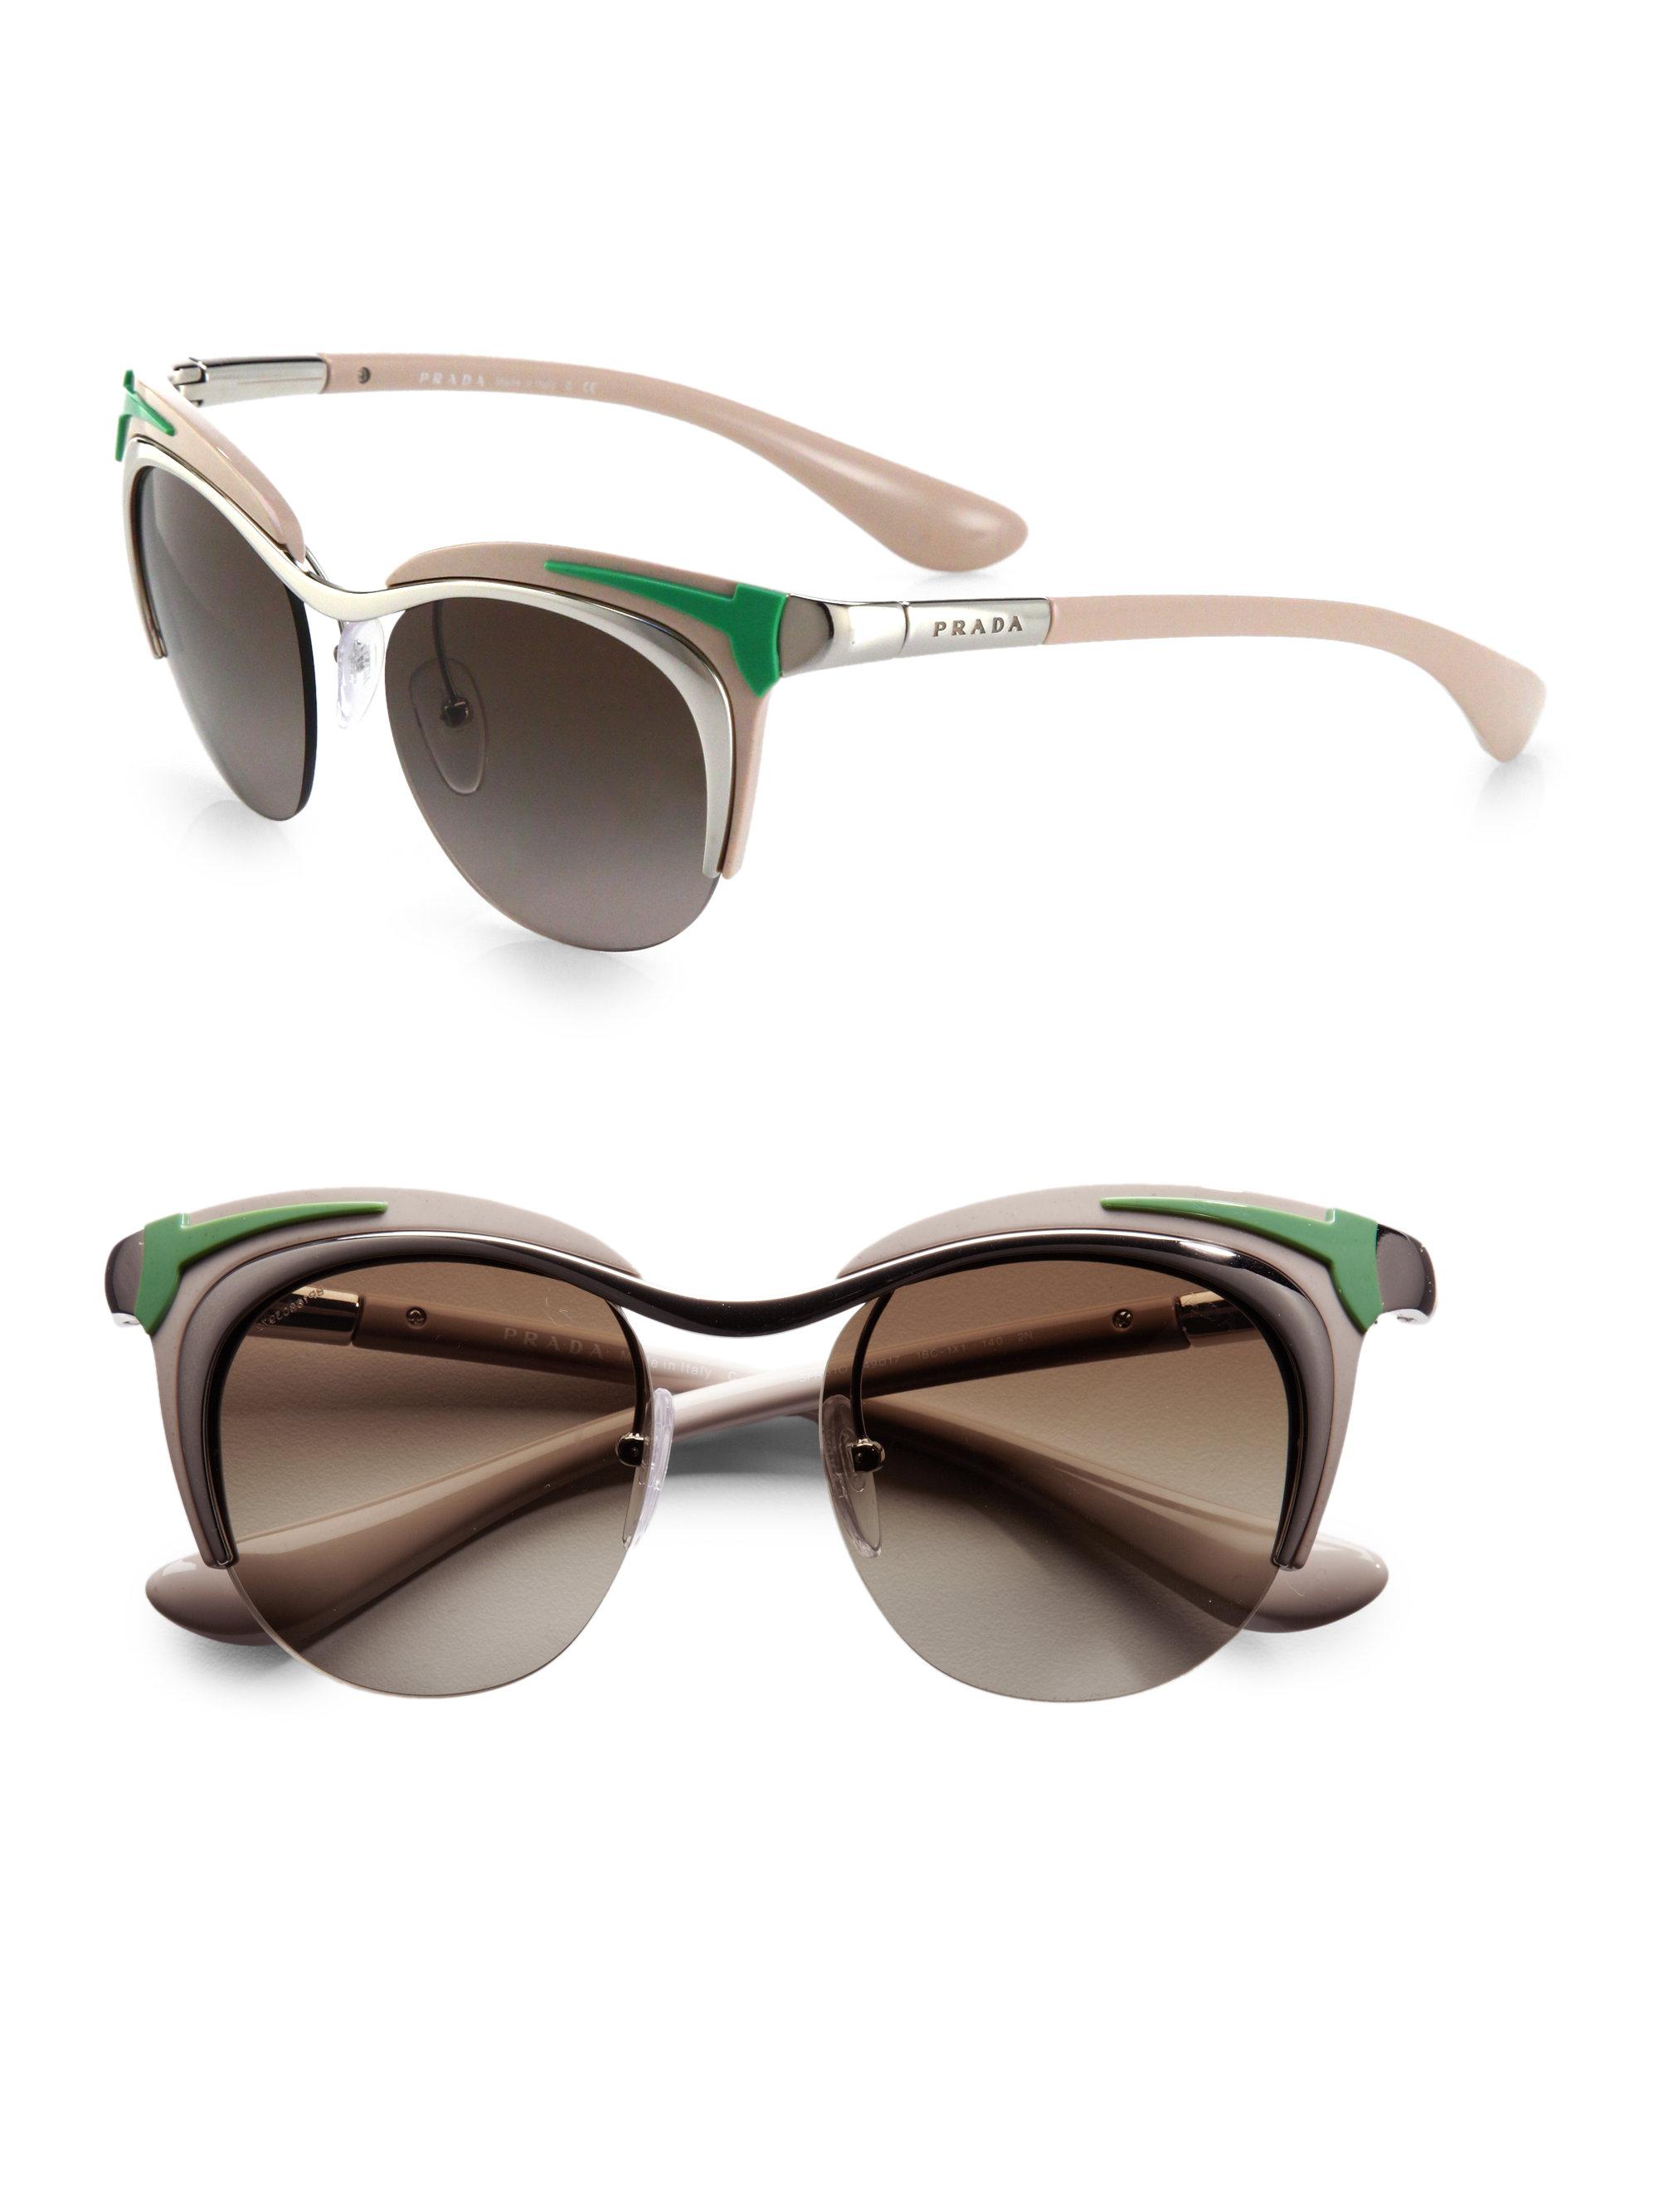 b3a63eec59f4 ... ireland lyst prada round retro car acetate metal sunglasses in metallic  1901f d51e7